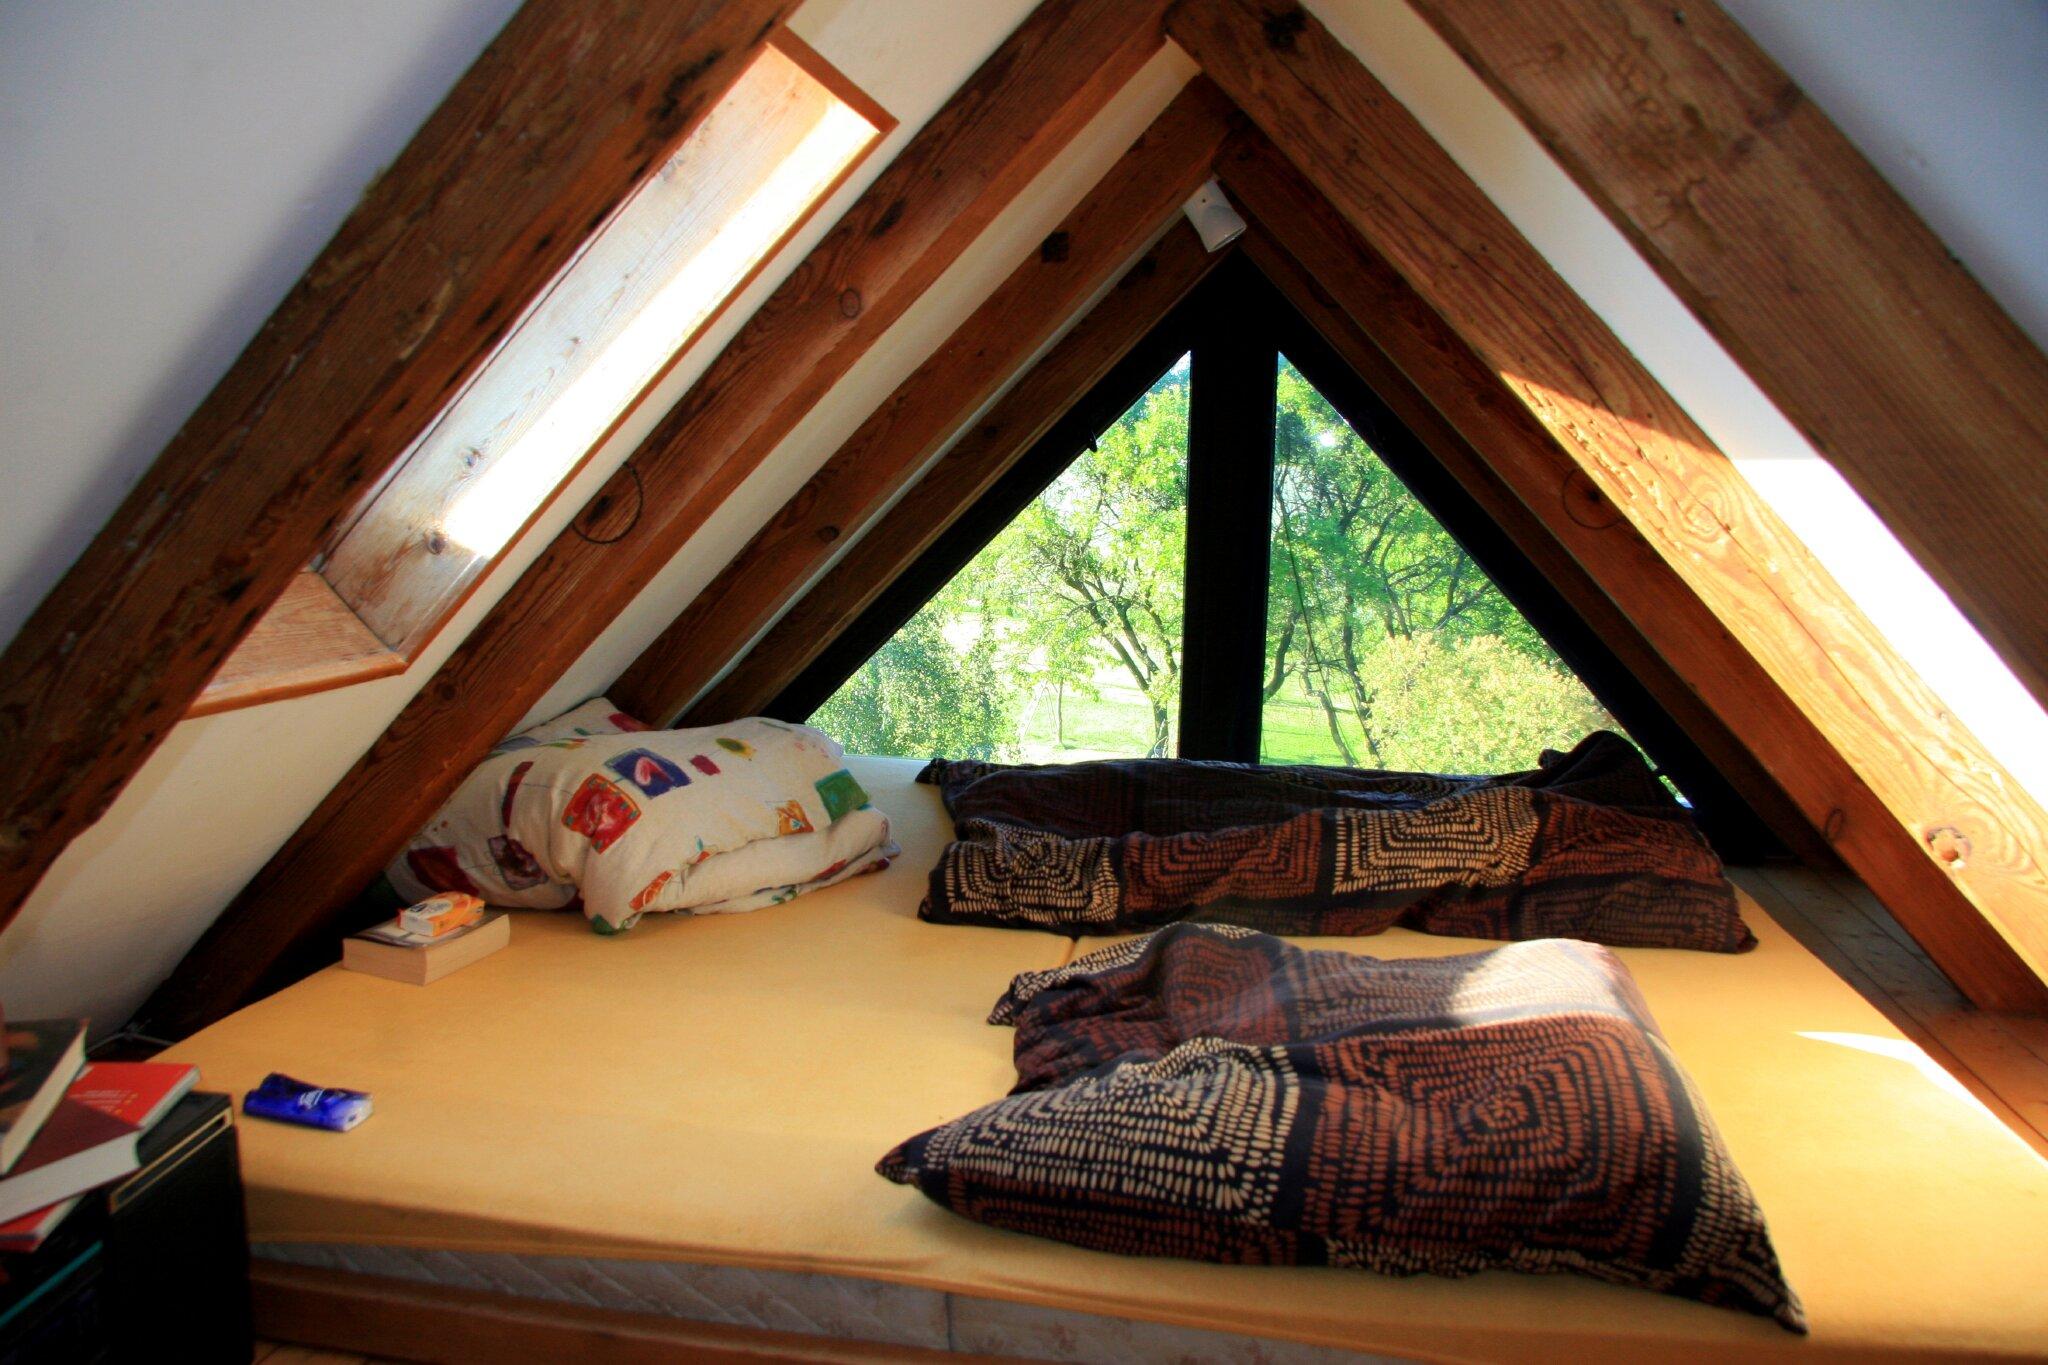 Schlafraum im Dachzelt